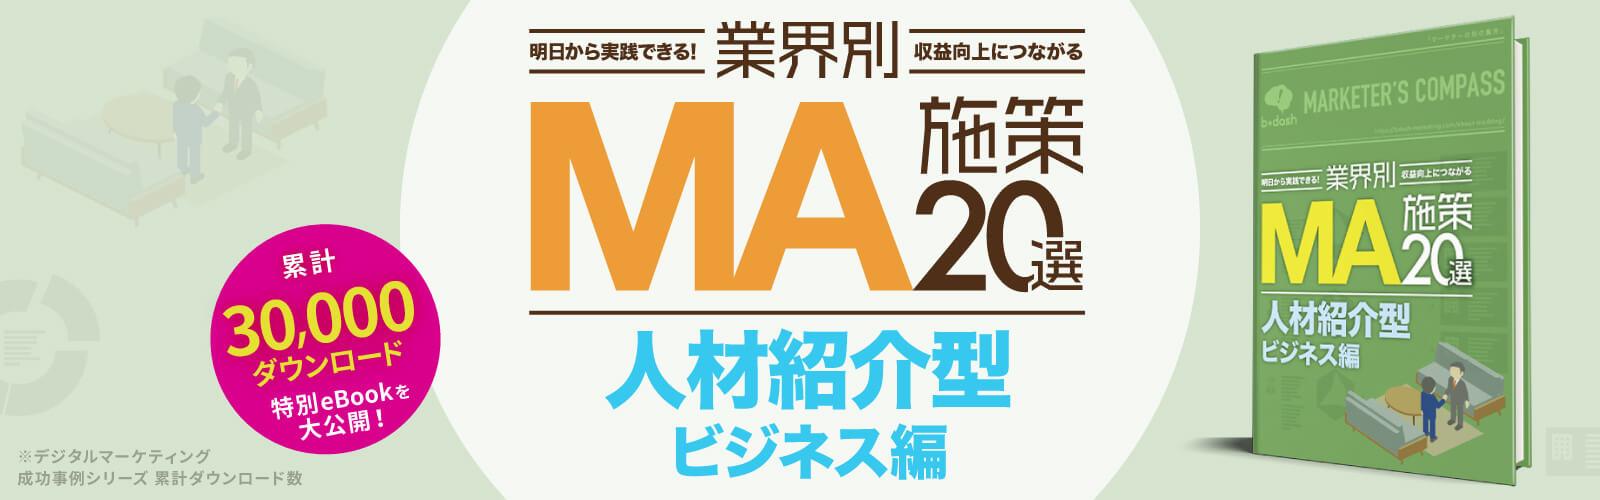 業界別施策集「人材紹介型ビジネス編」